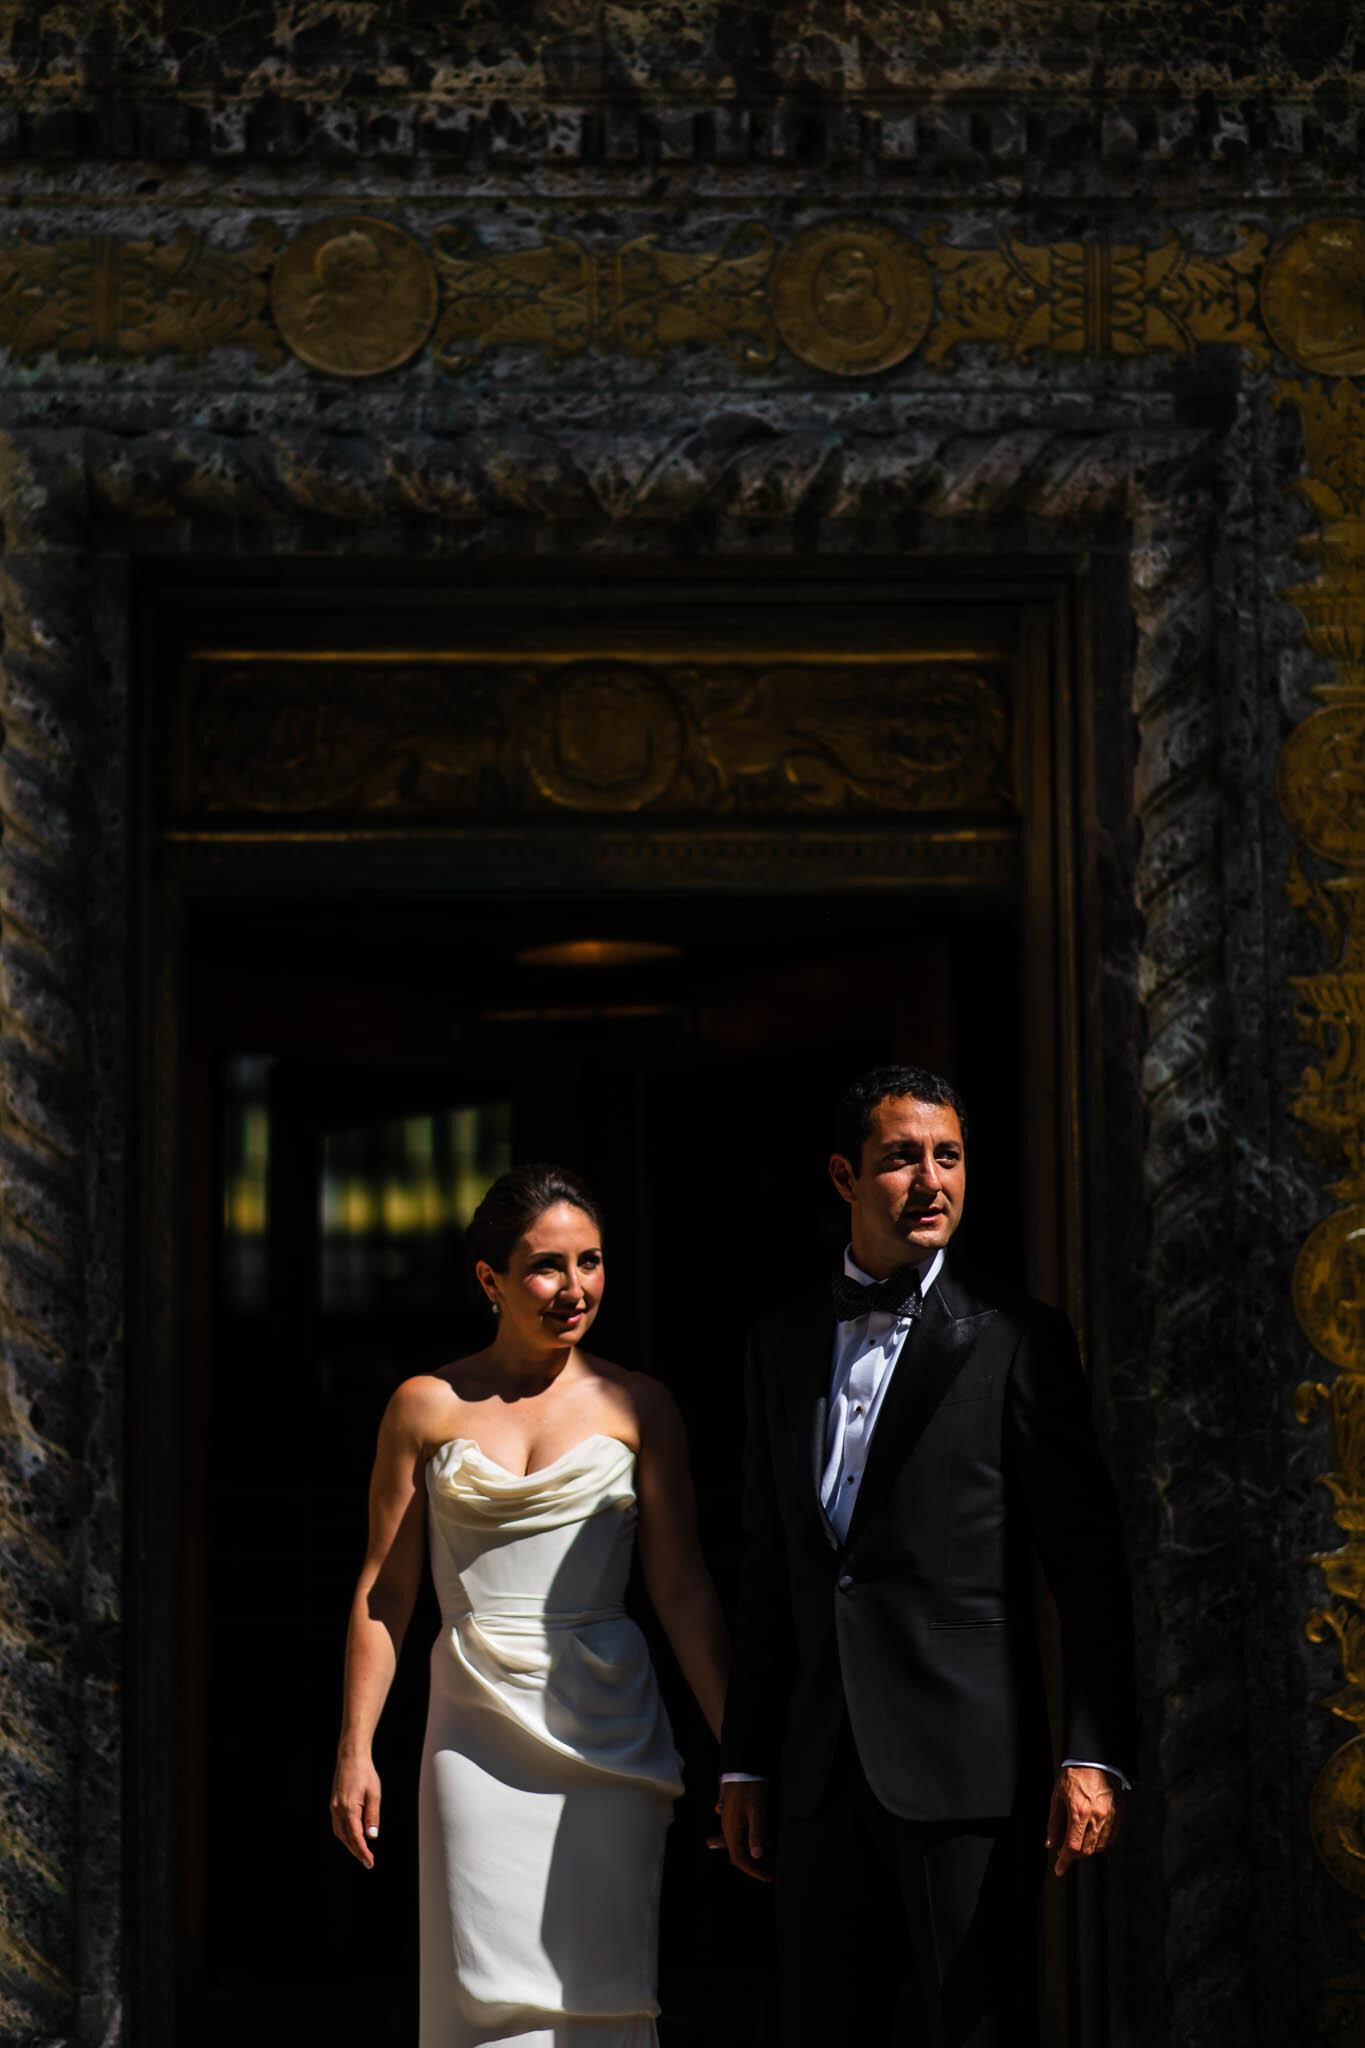 Montreal Wedding Photographer AshleyMacPhee (16 of 49).jpg